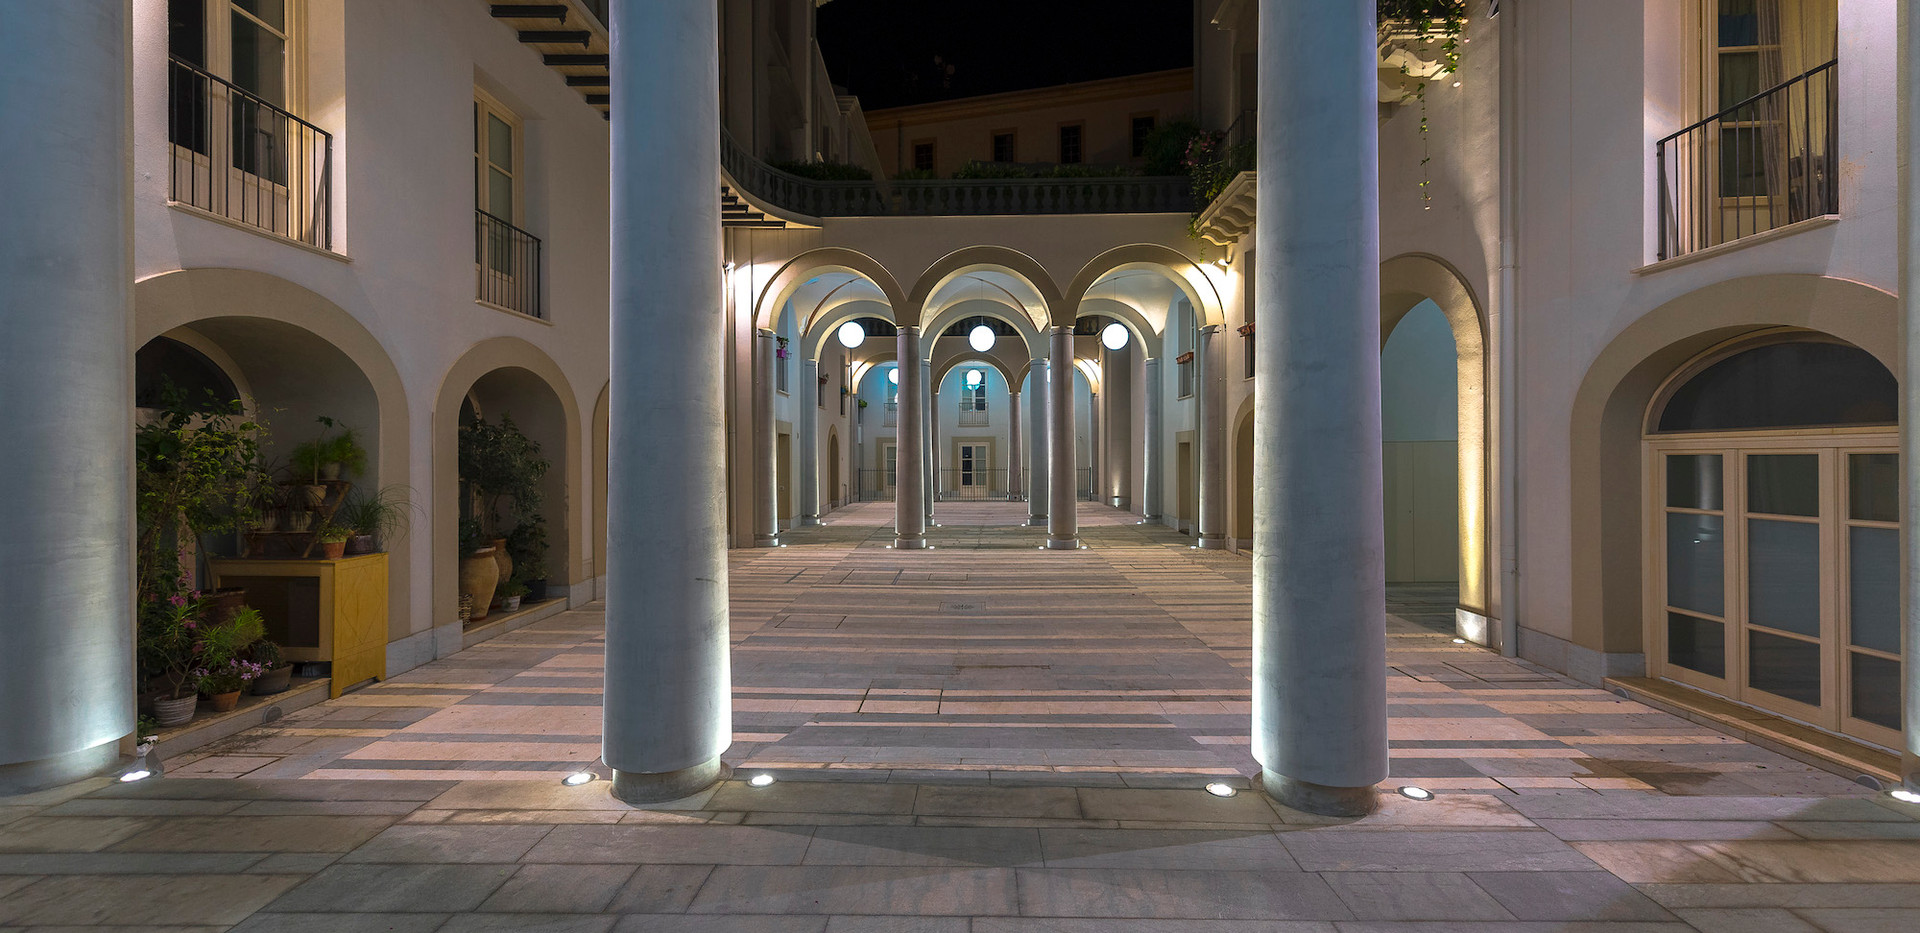 Palazzo Tomasi di Lampedusa